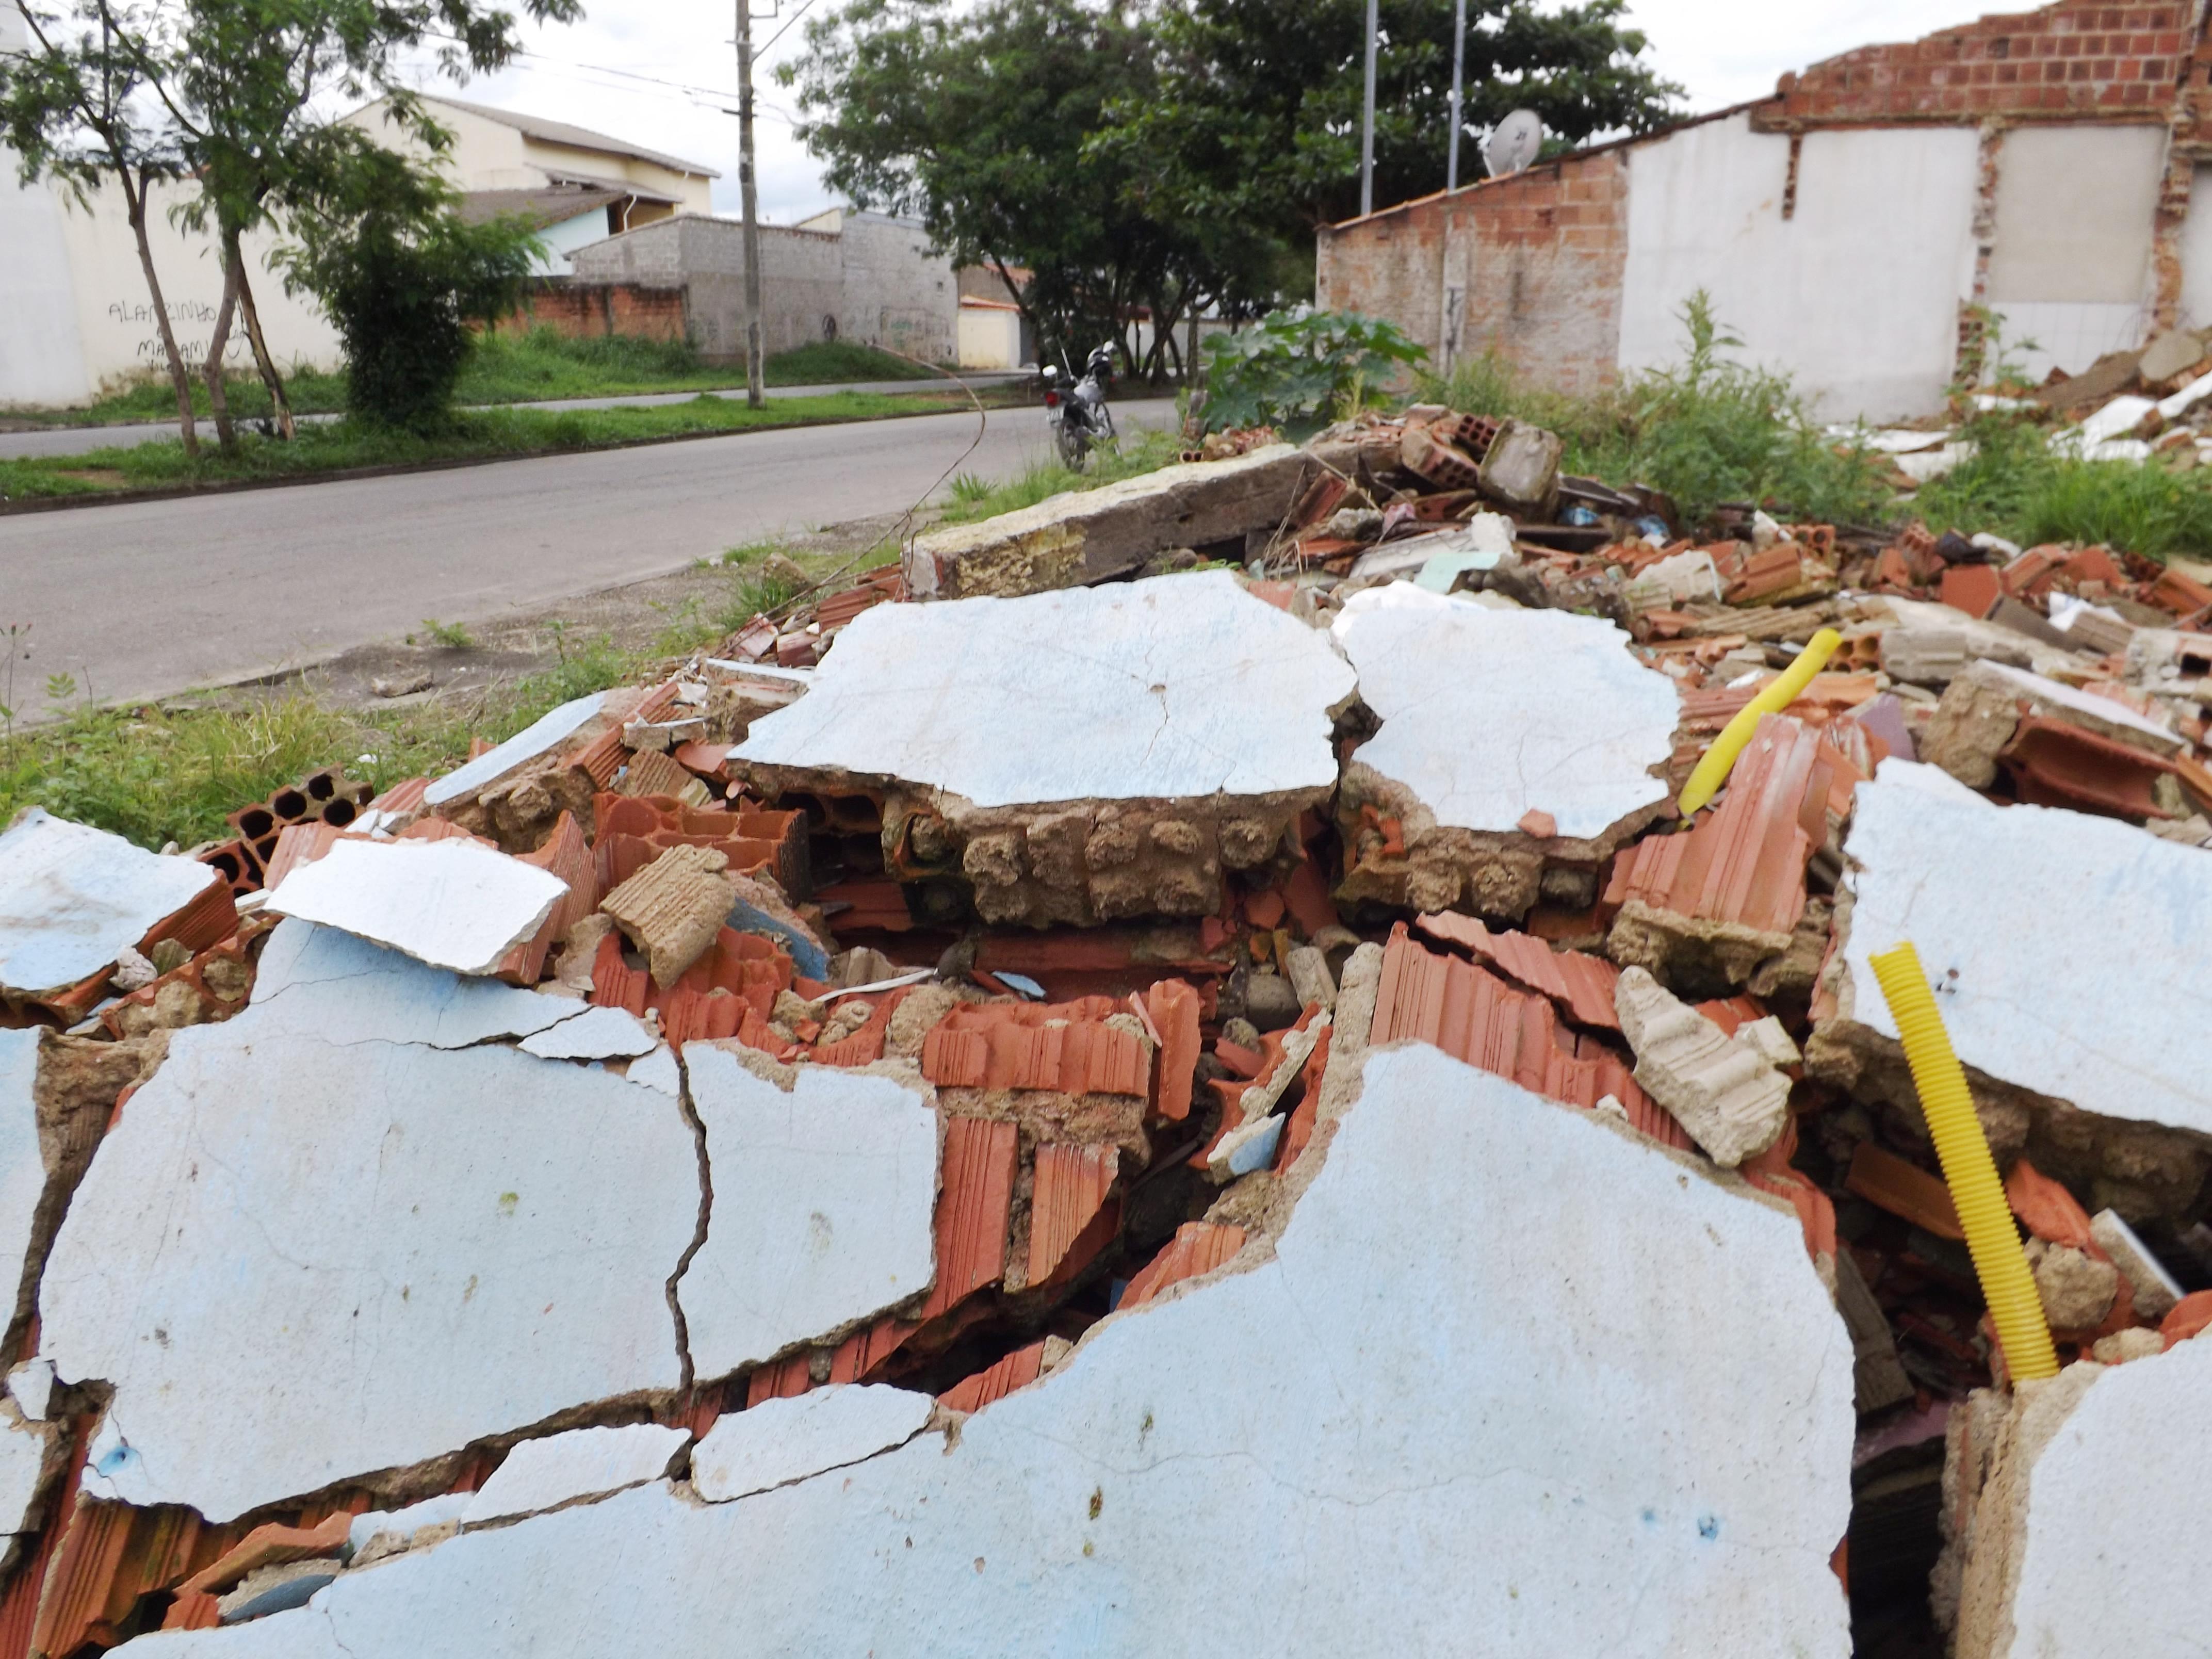 Entulho de demolições realizadas pela prefeitura no mês de junho causam transtorno aos moradores (Lucas Barbosa)